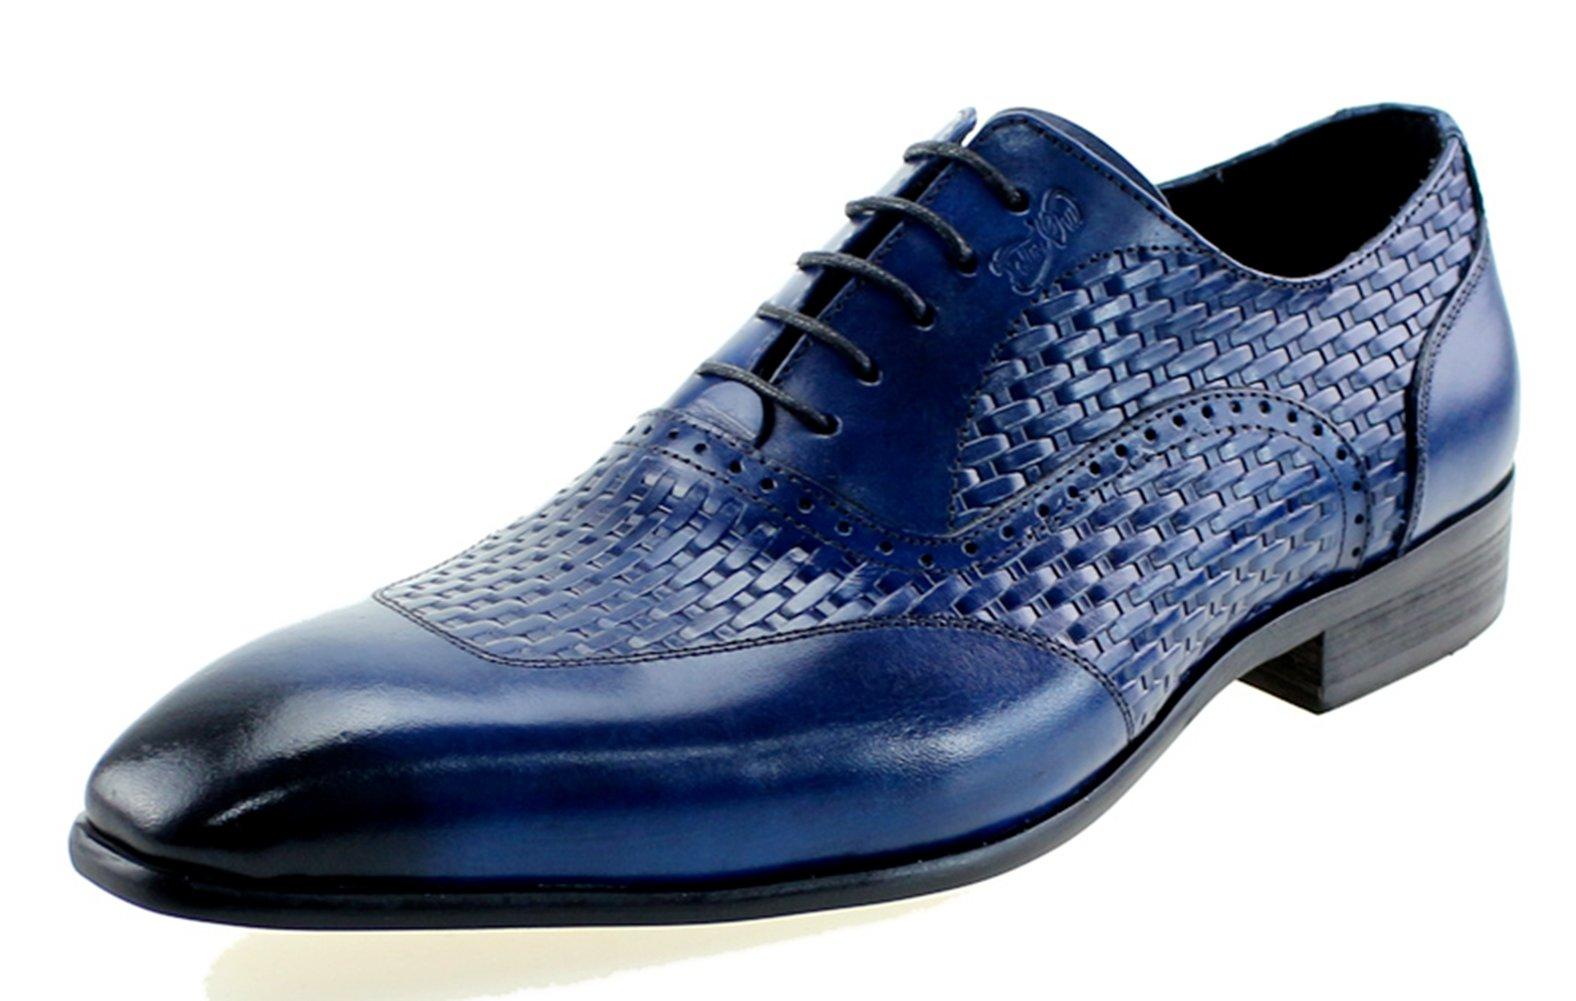 Felix Chu Men's Luxury Italian Genuine Cow Leather Men Blue Wedding Oxford Shoes Lace-Up Office Suit Men's Dress Shoe